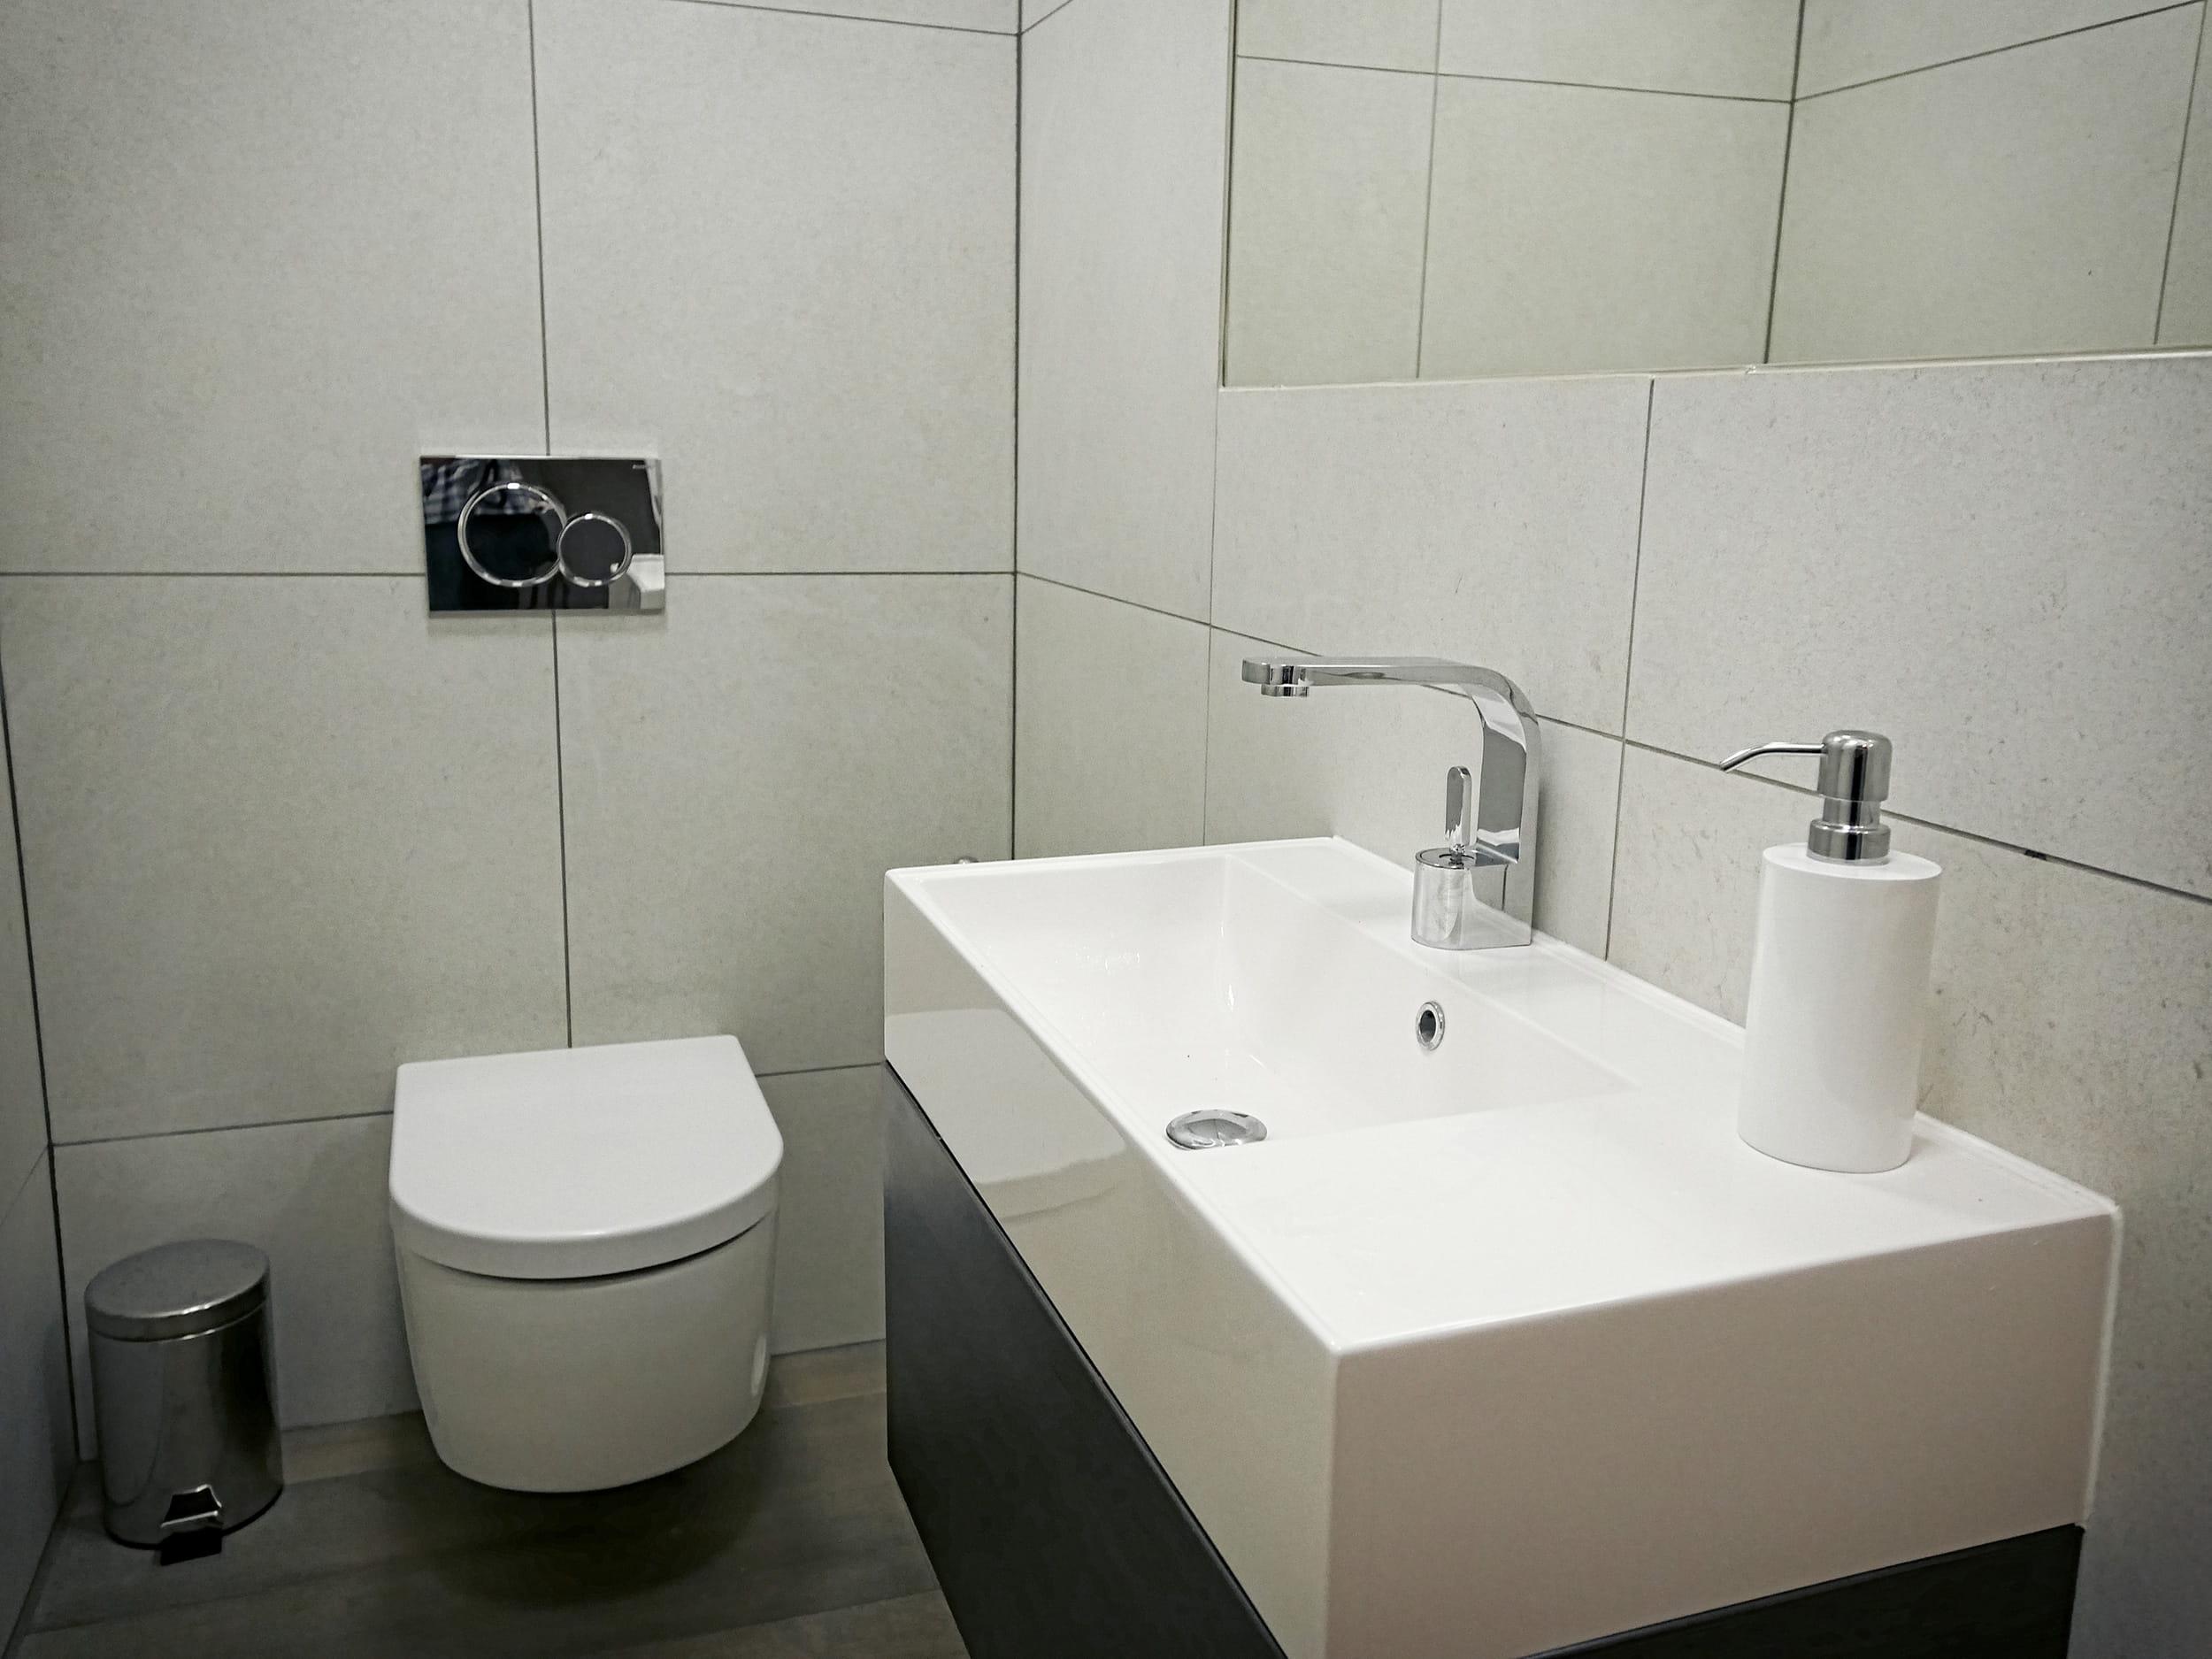 Bathroom in our TV training studio